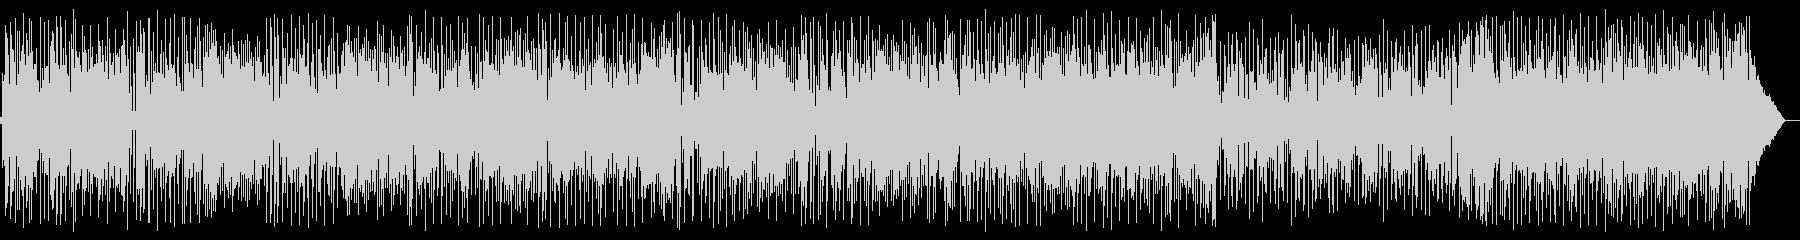 ポップなフュージョンの未再生の波形